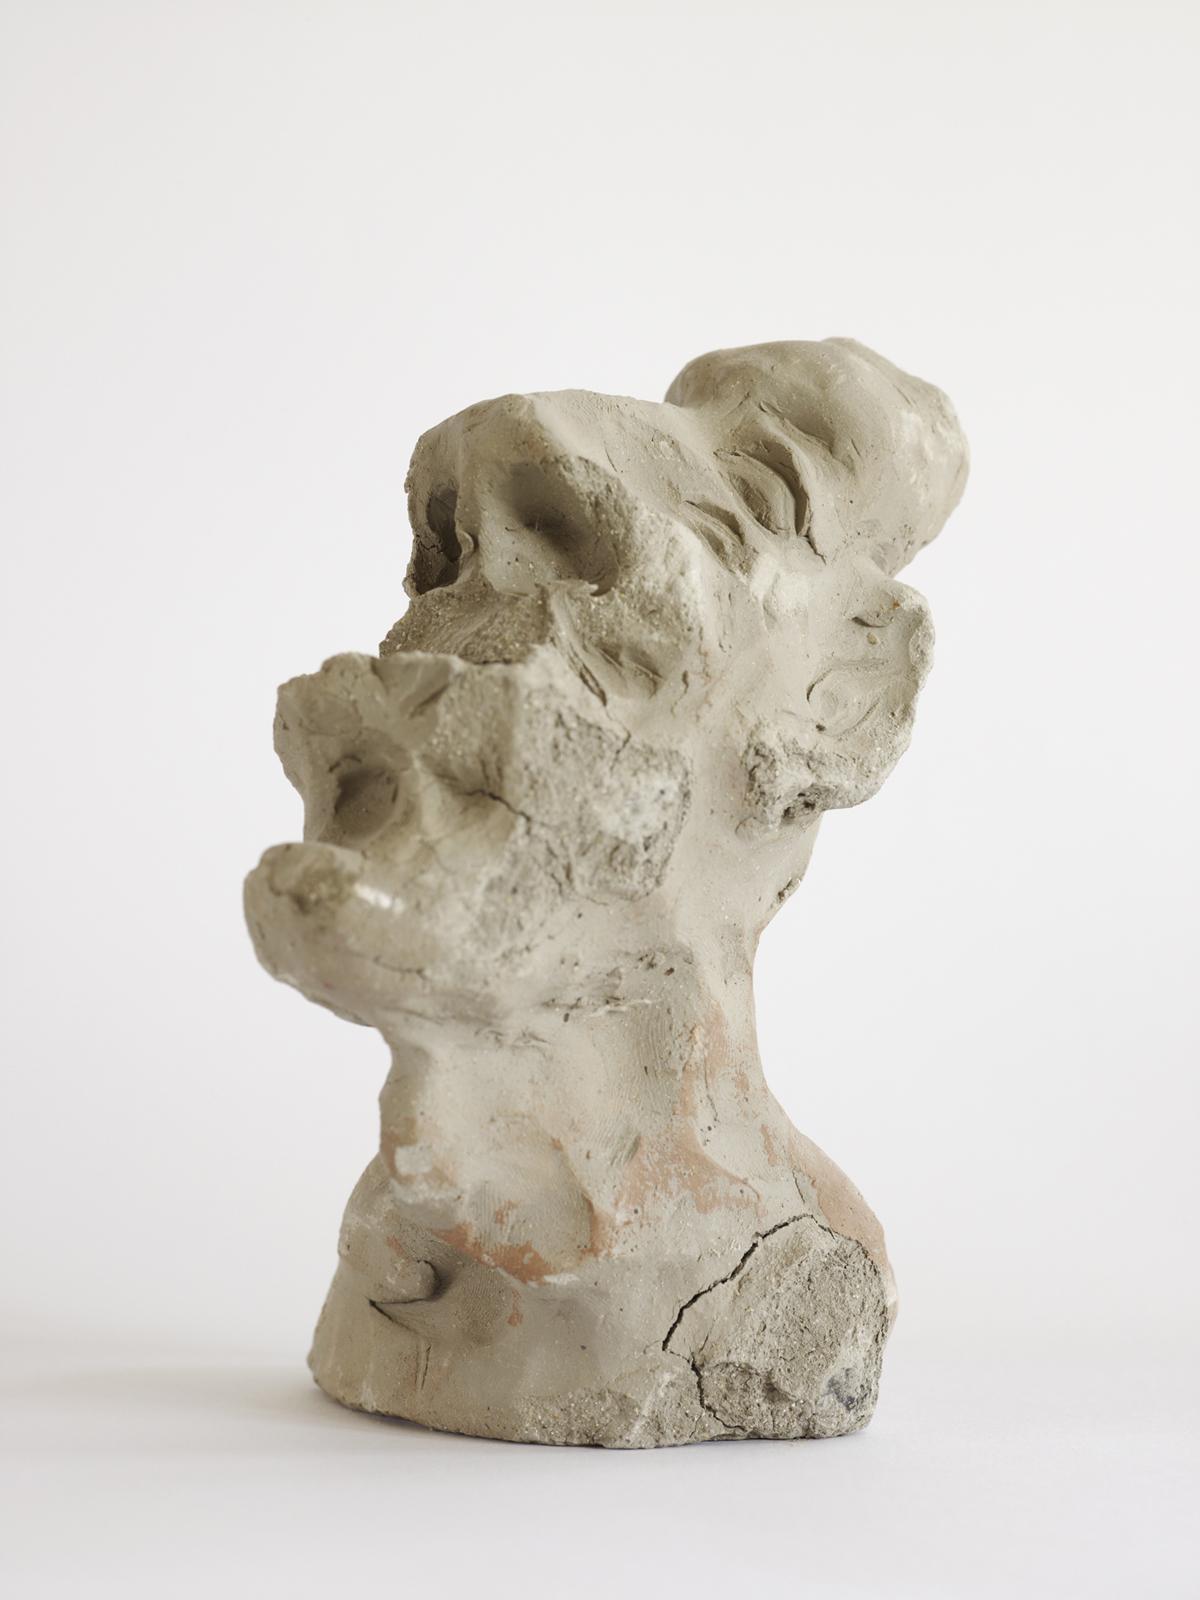 Peter Granser, clay figures (01, 02, 03, 05),J'ai perdu ma tête